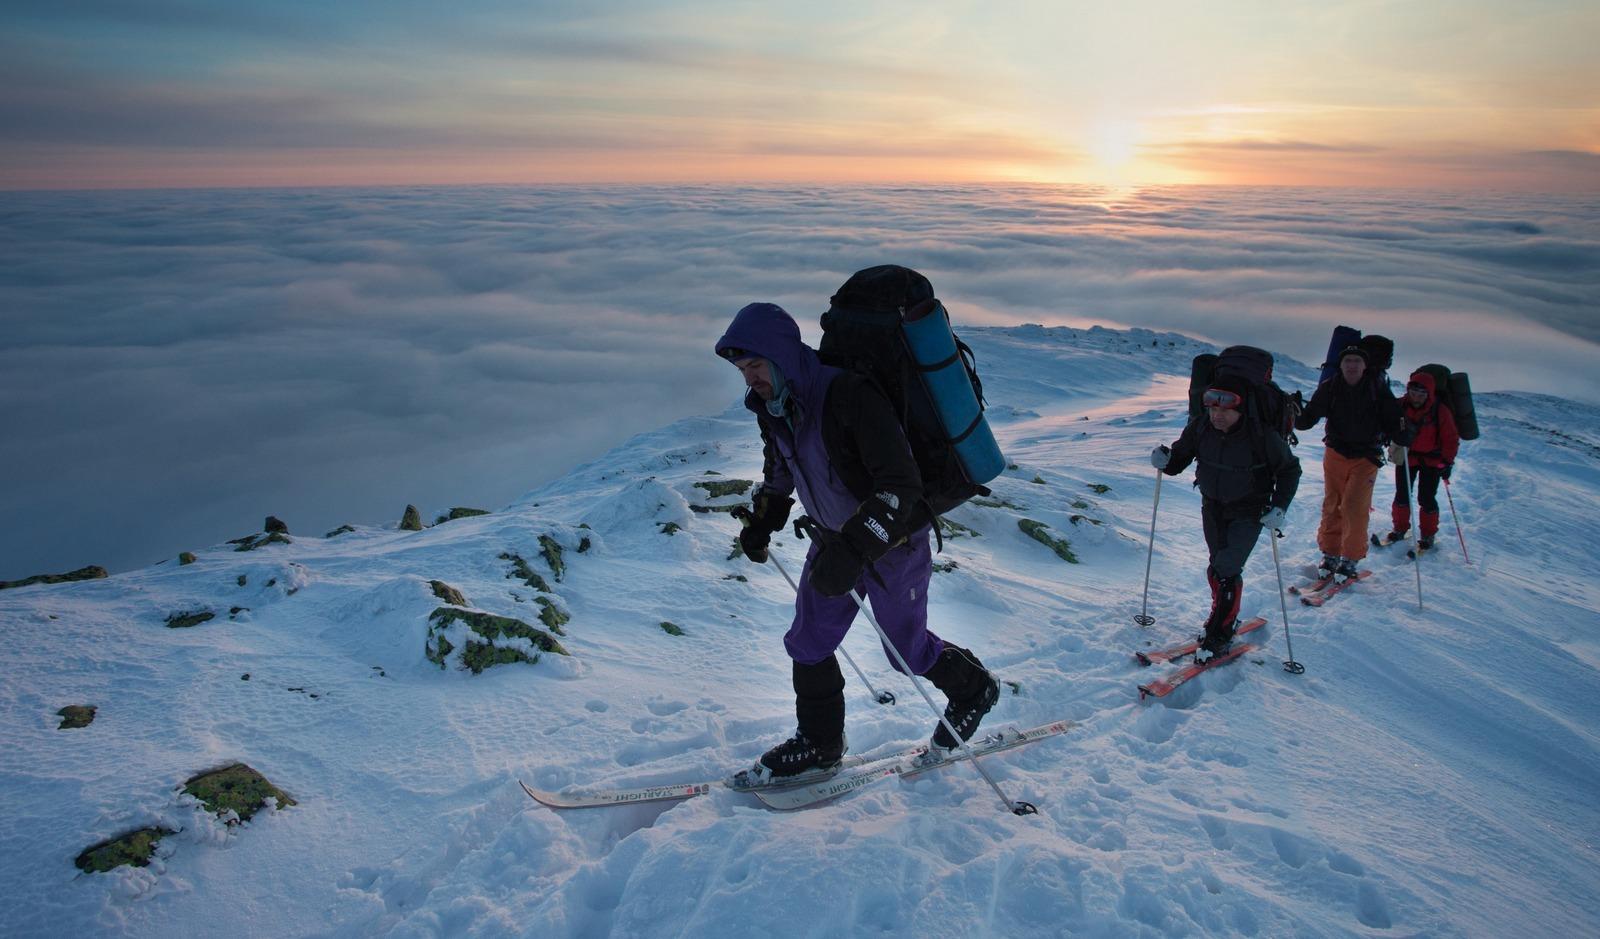 Карпати взимку небезпечні. Як підготуватися до зимової мандрівки в гори